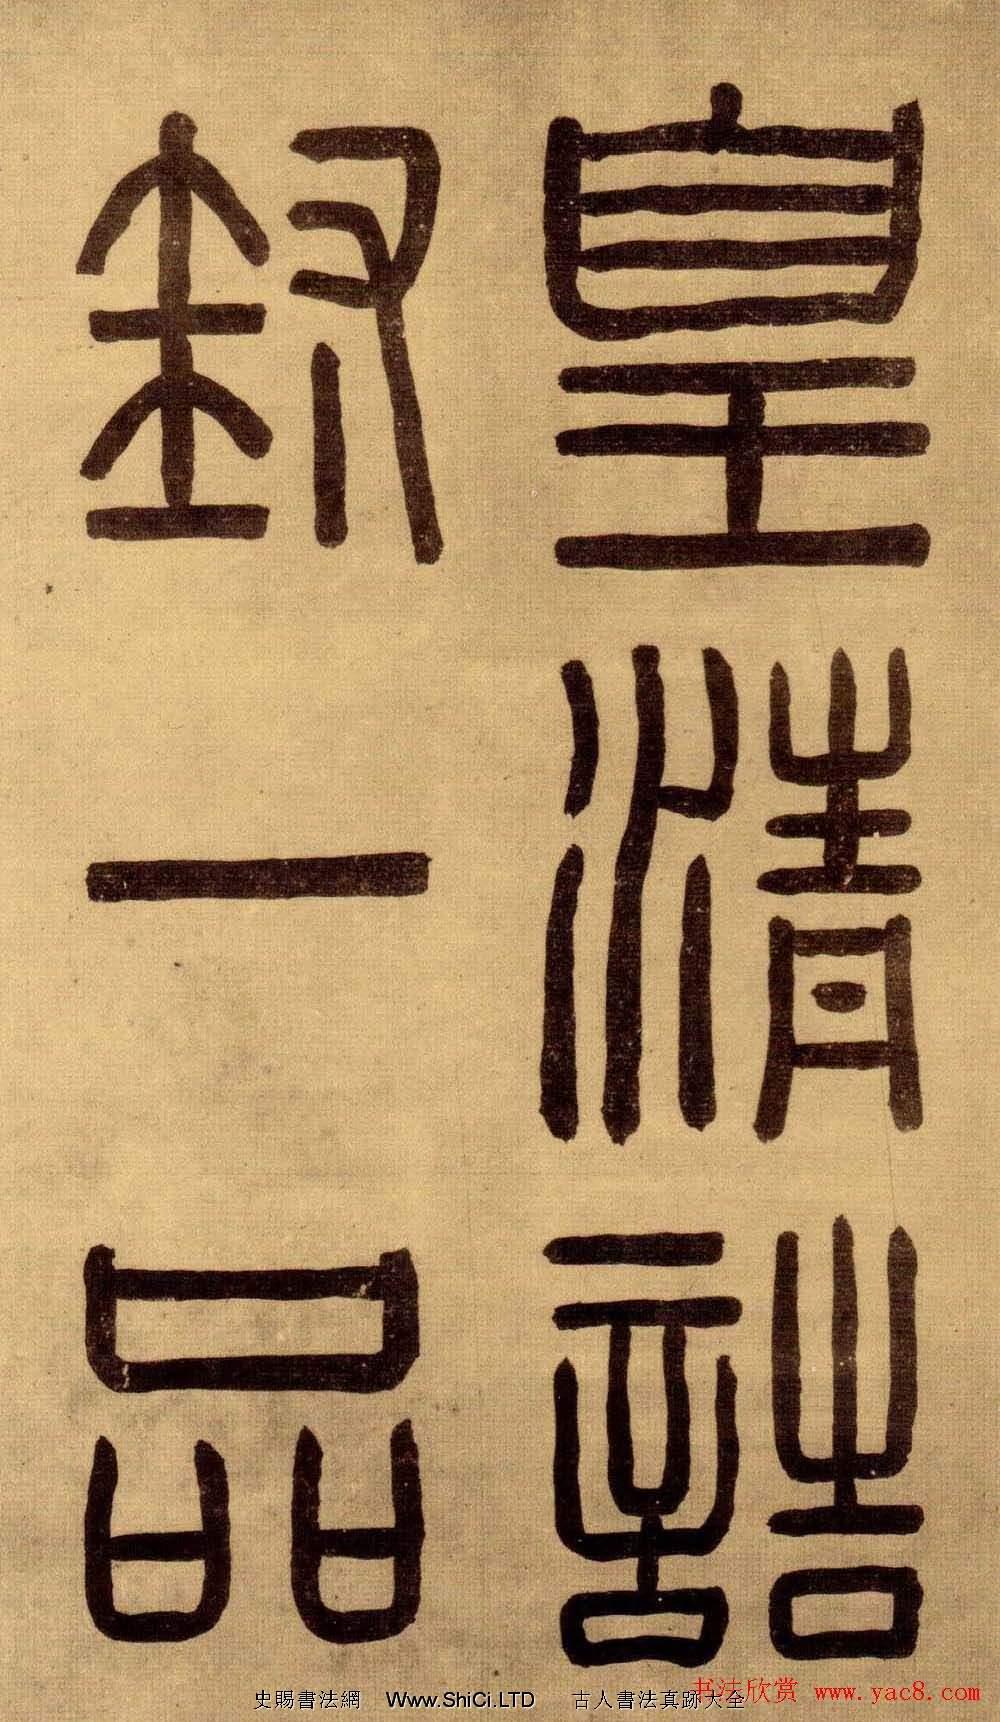 陳鴻壽行楷書法真跡欣賞《孫夫人墓誌銘》(共18張圖片)